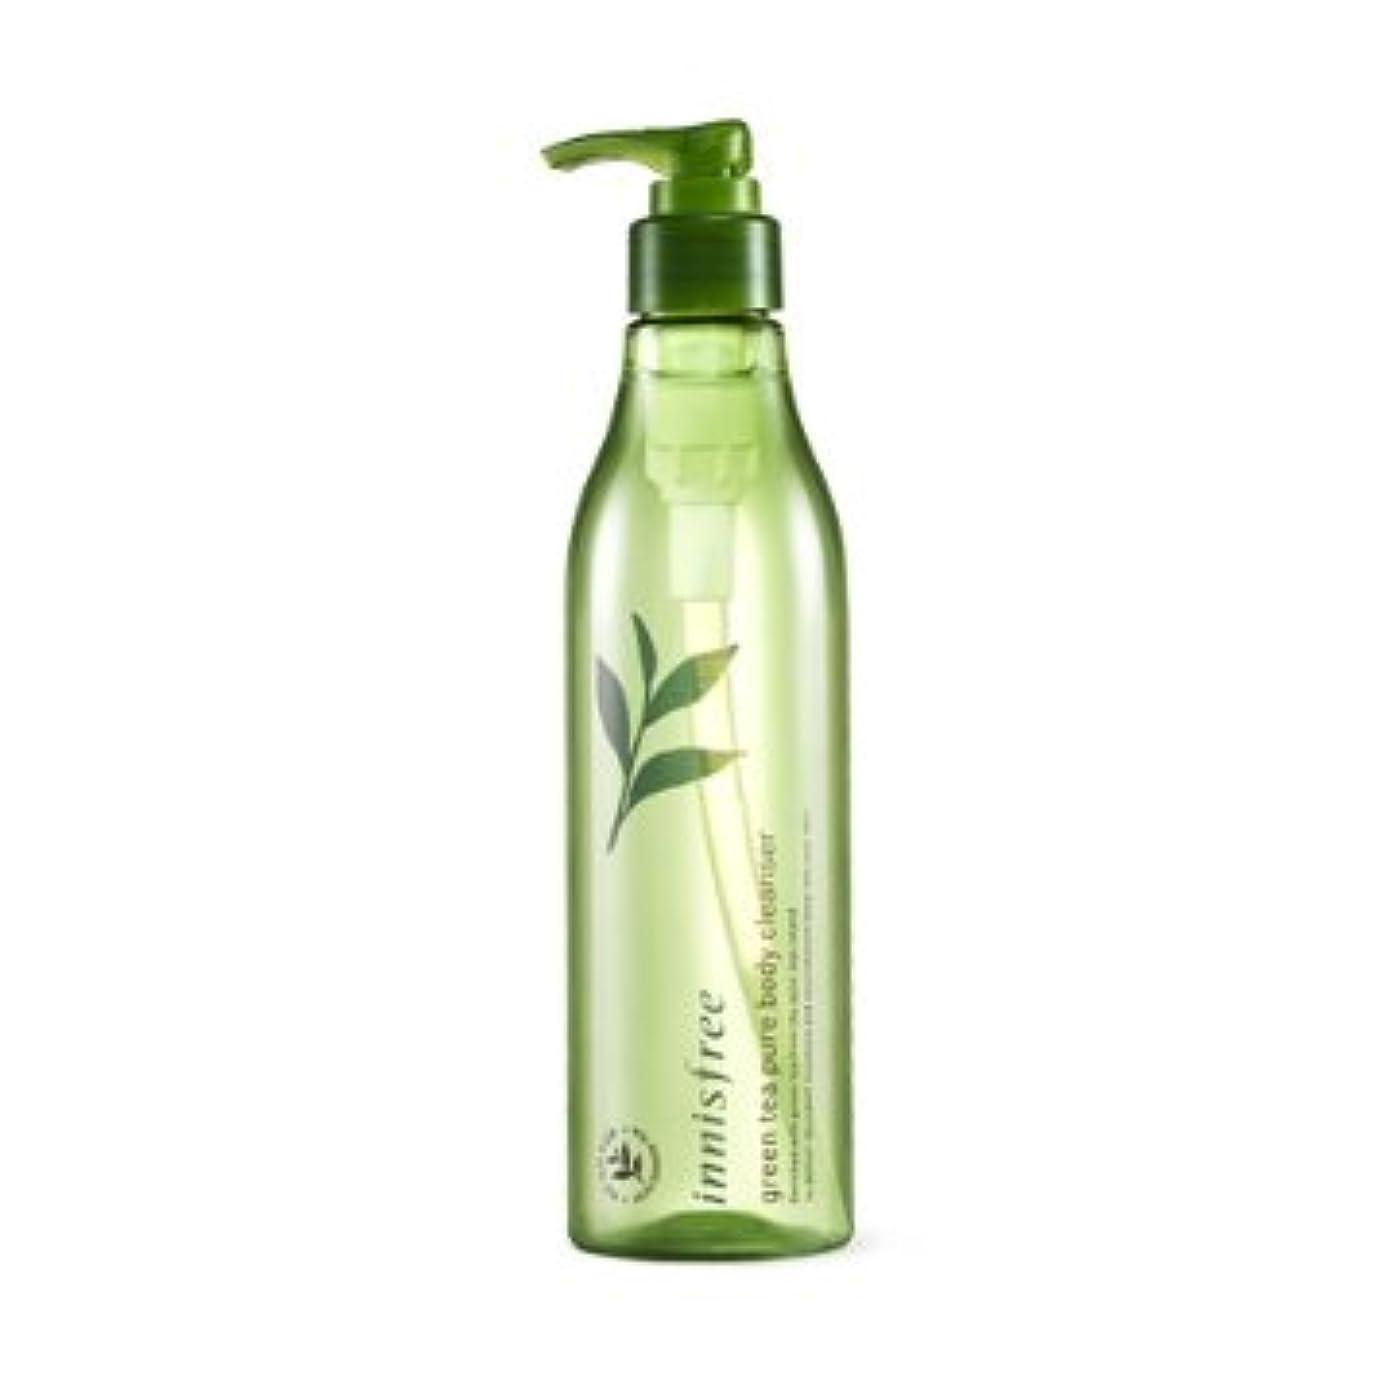 フレキシブル取り扱いデッキ【イニスフリー】Innisfree green tea pure body cleanser - 300ml (韓国直送品) (SHOPPINGINSTAGRAM)